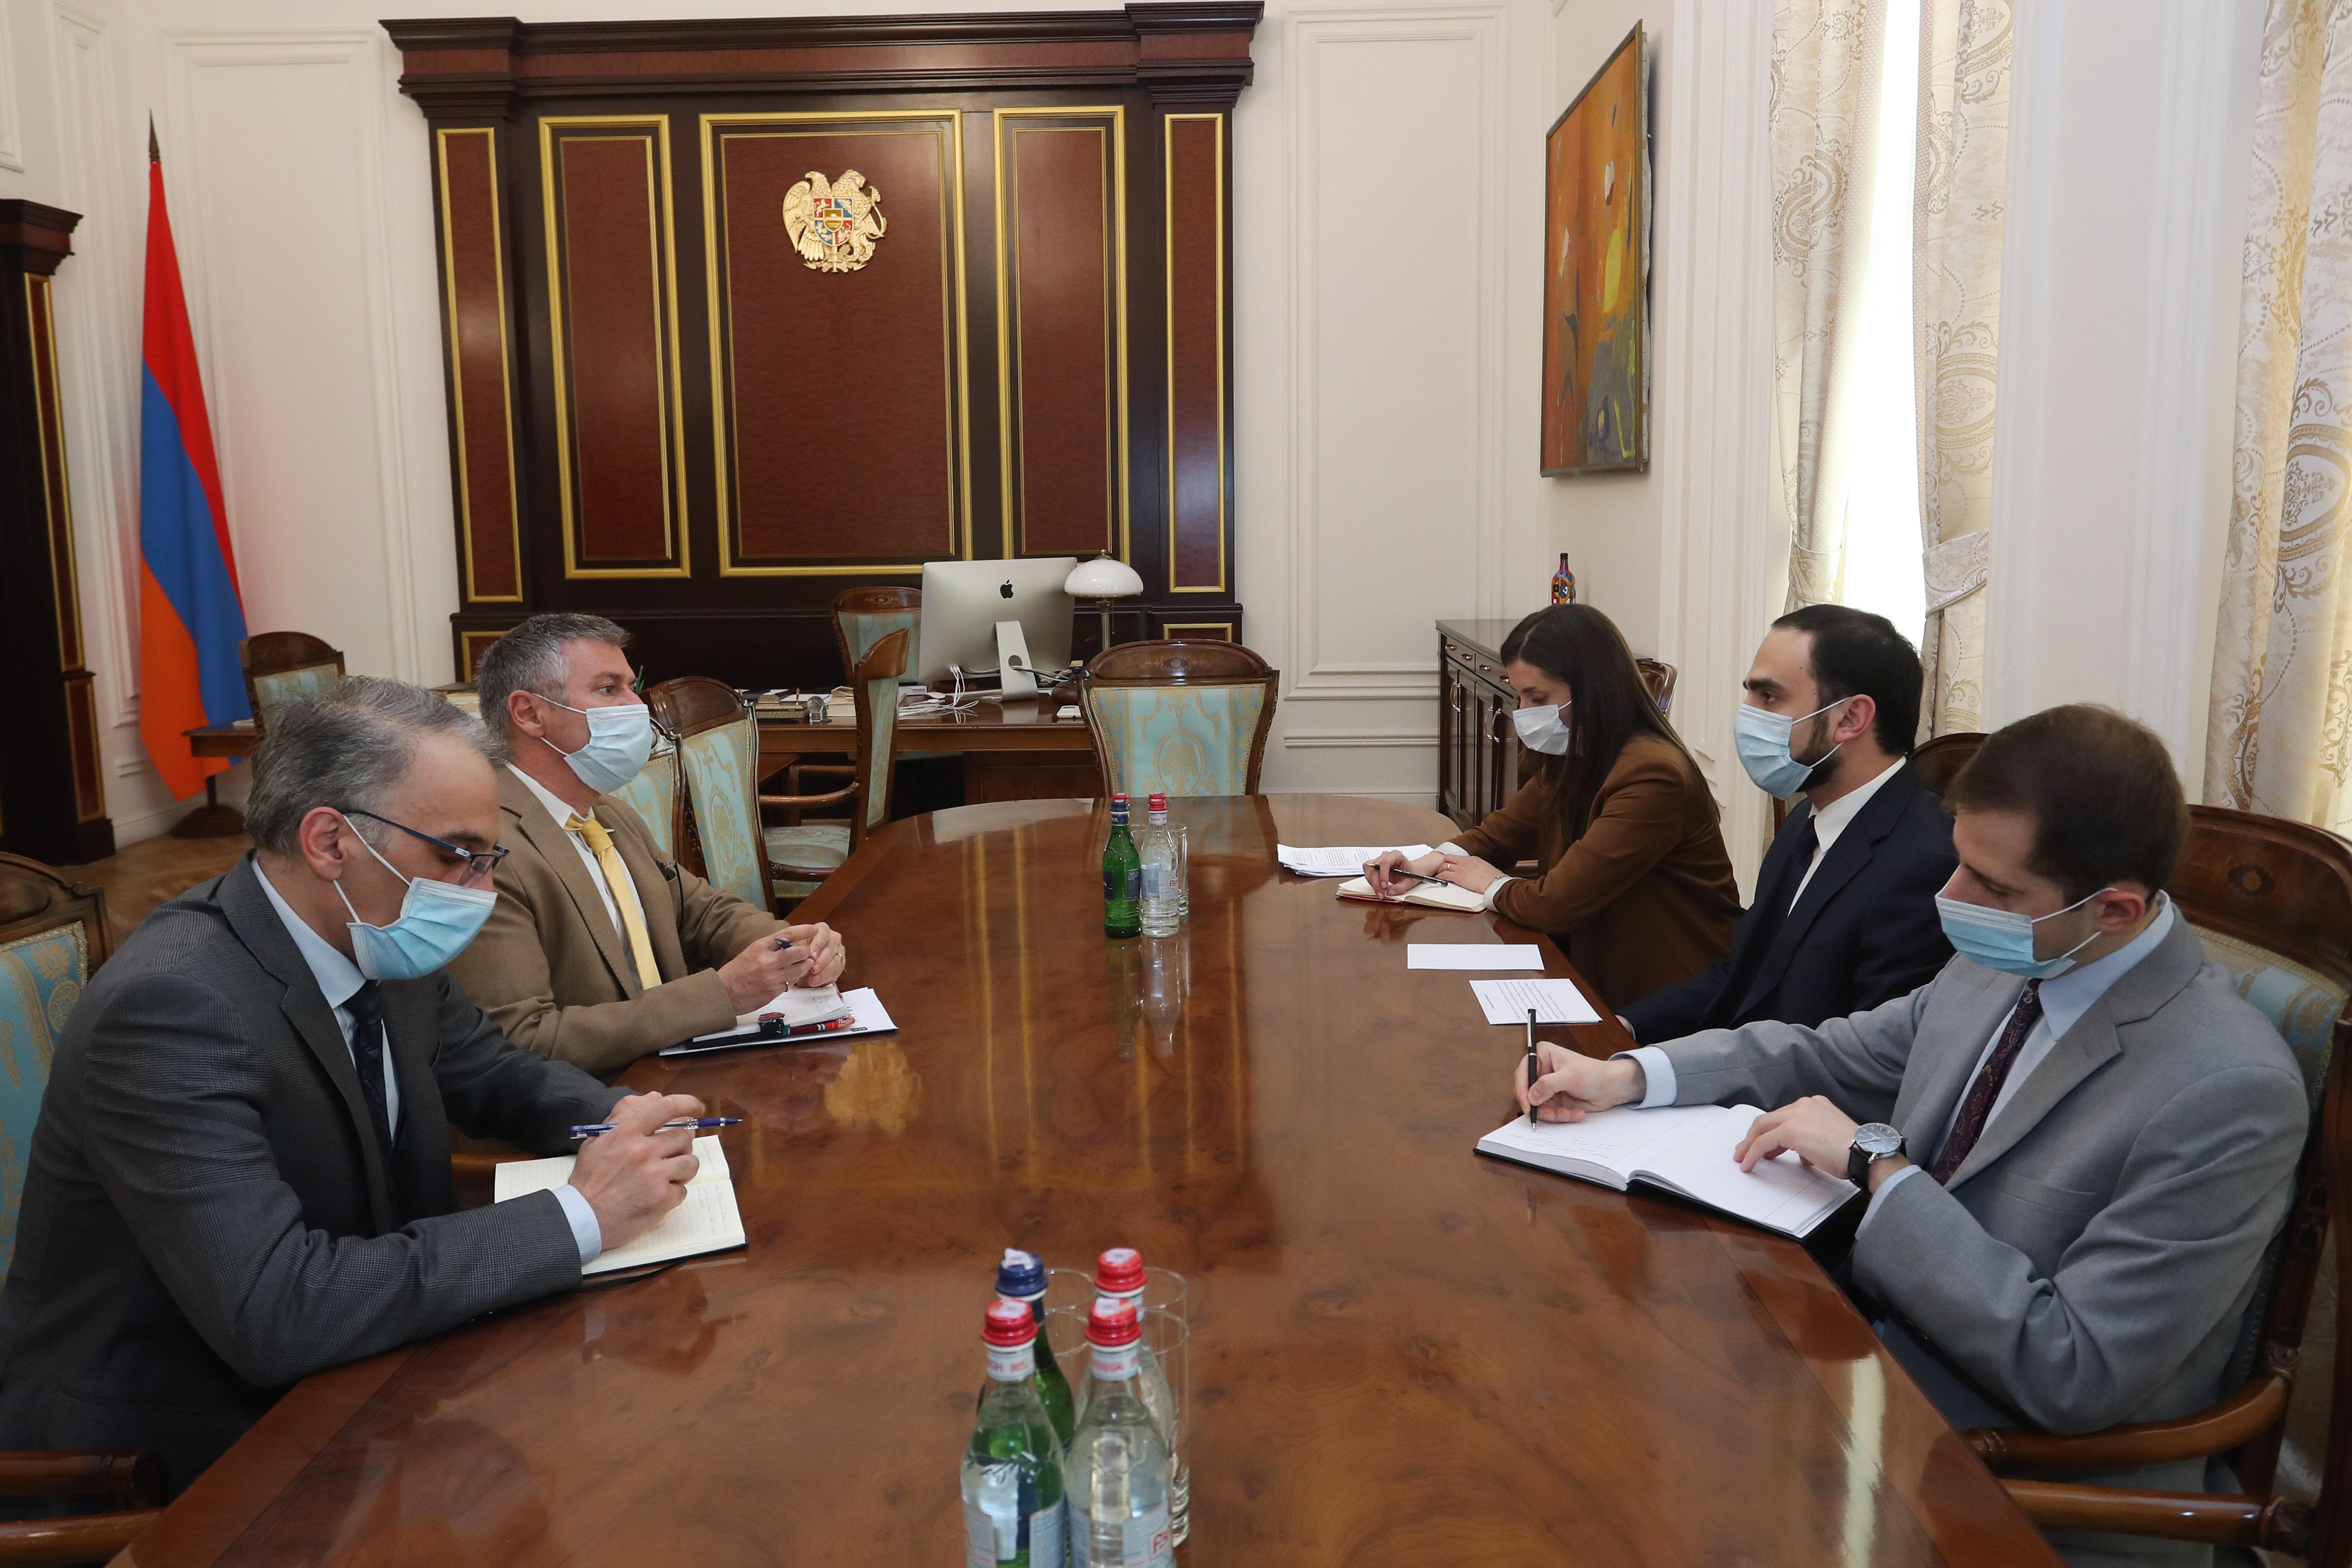 Photo of Փոխվարչապետն ընդունել է Ասիական զարգացման բանկի հայաստանյան գրասենյակի տնօրենին